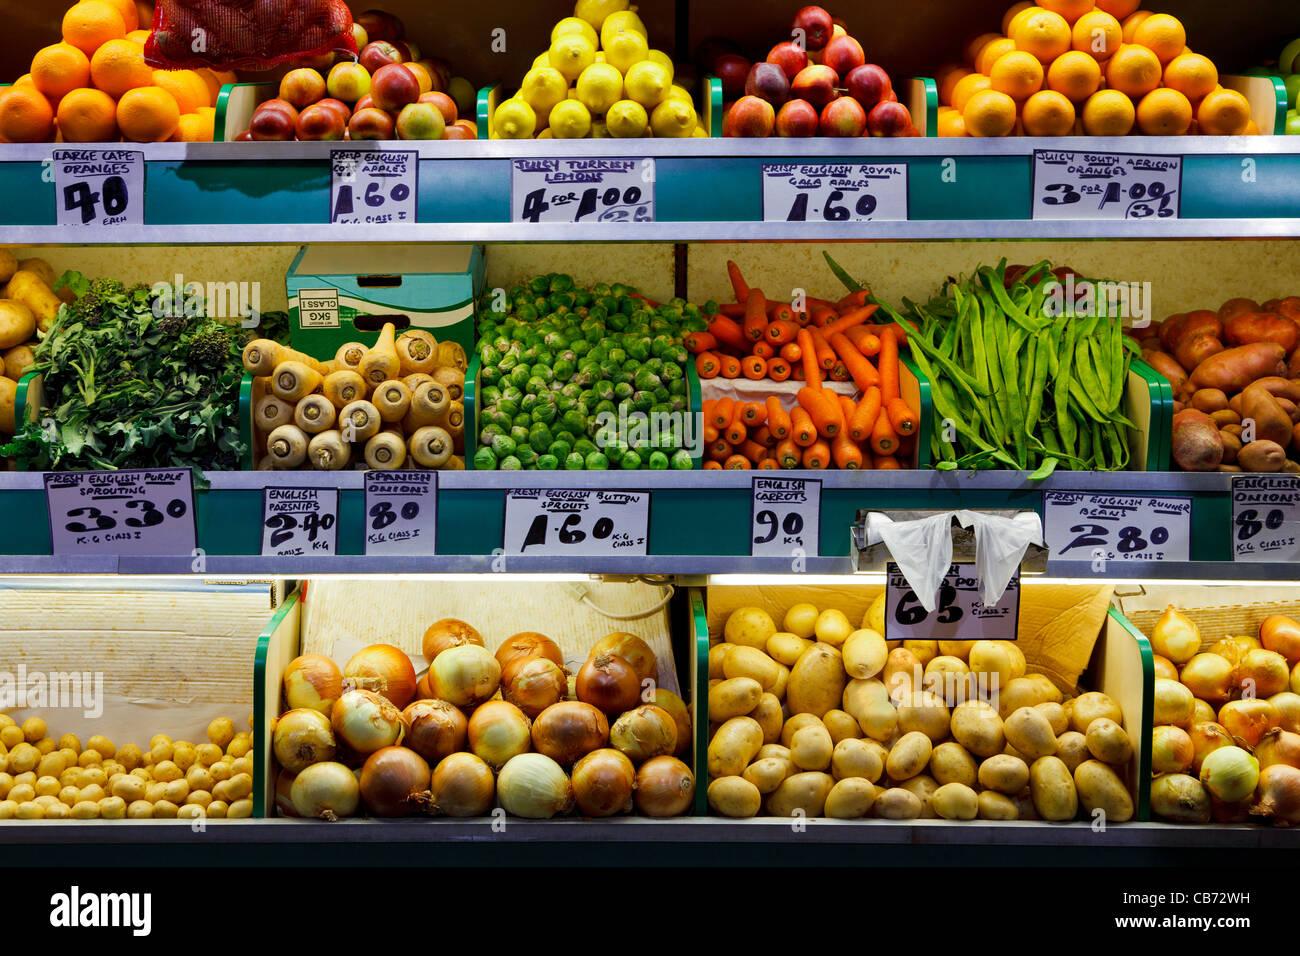 Foto di organico fresco frutta e verdura in un mercato degli agricoltori in stallo. Immagini Stock